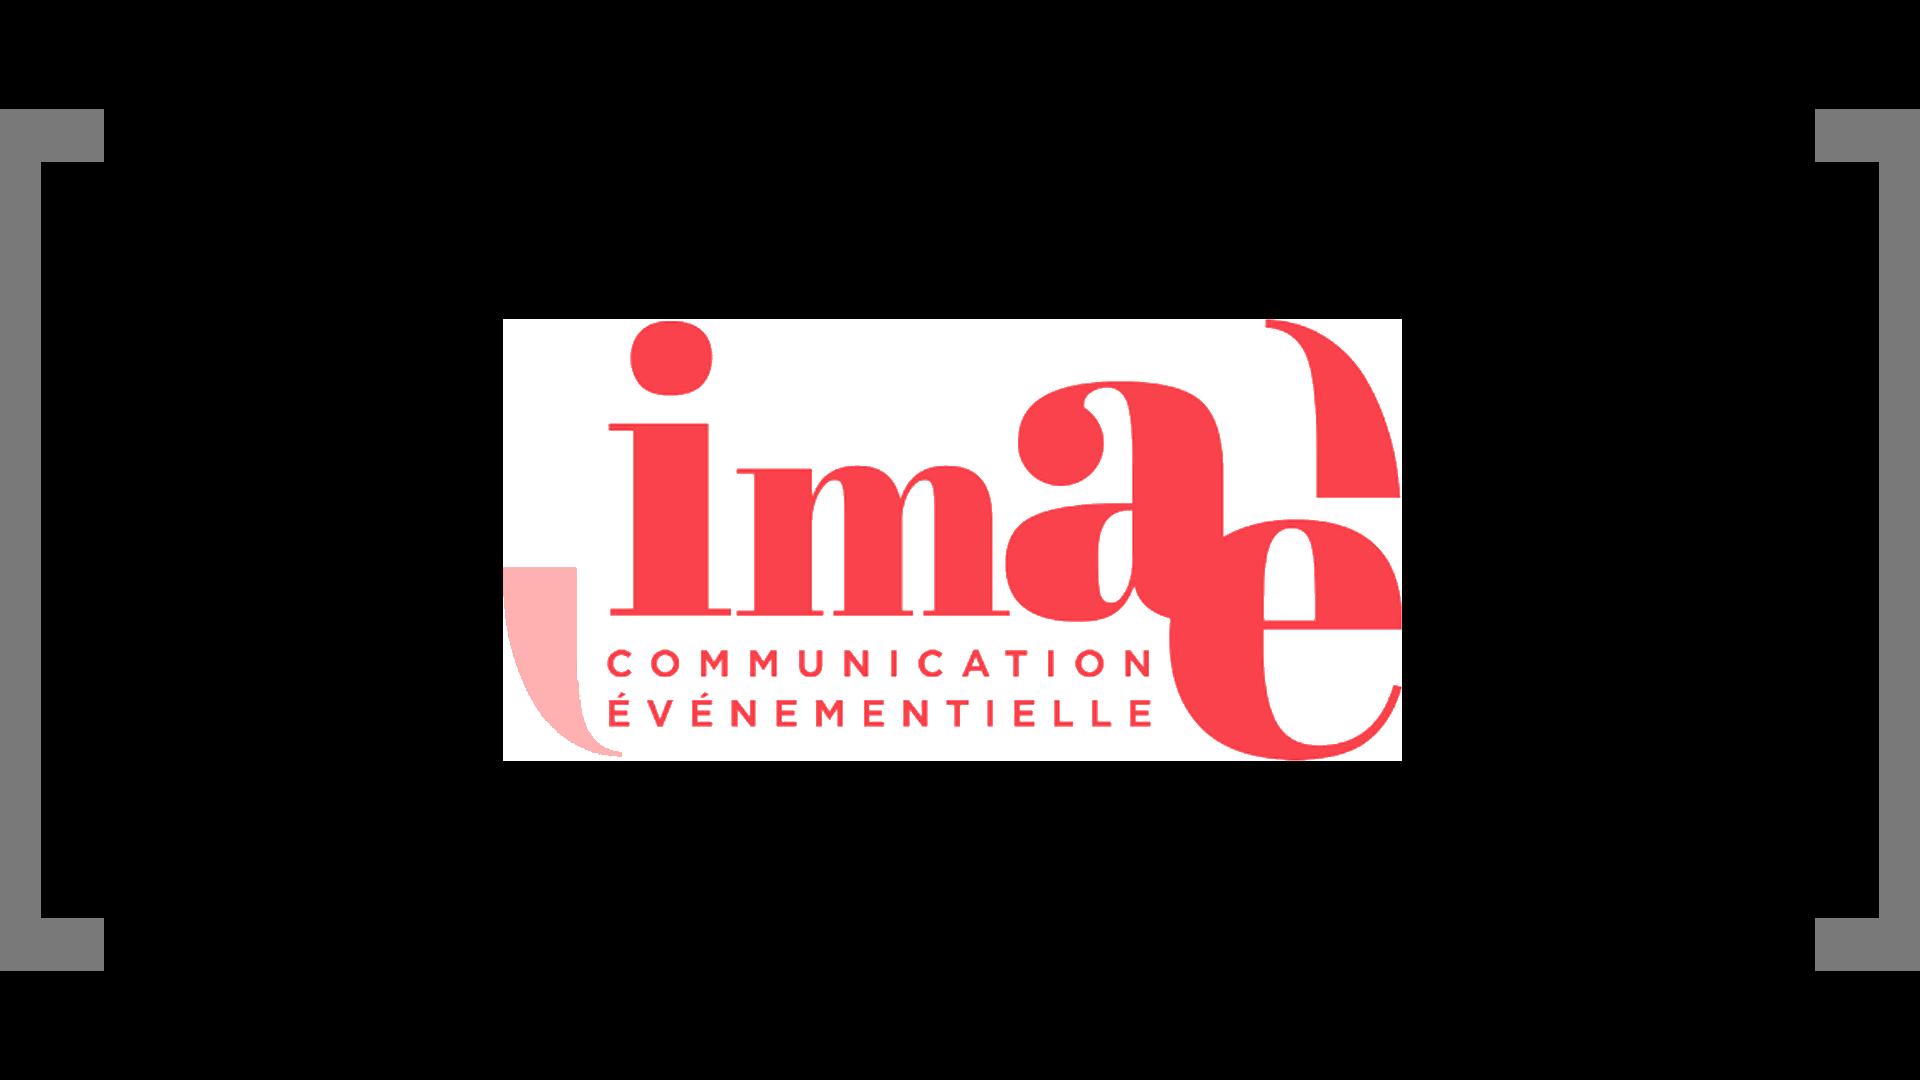 agence Imaé - communication événementielle